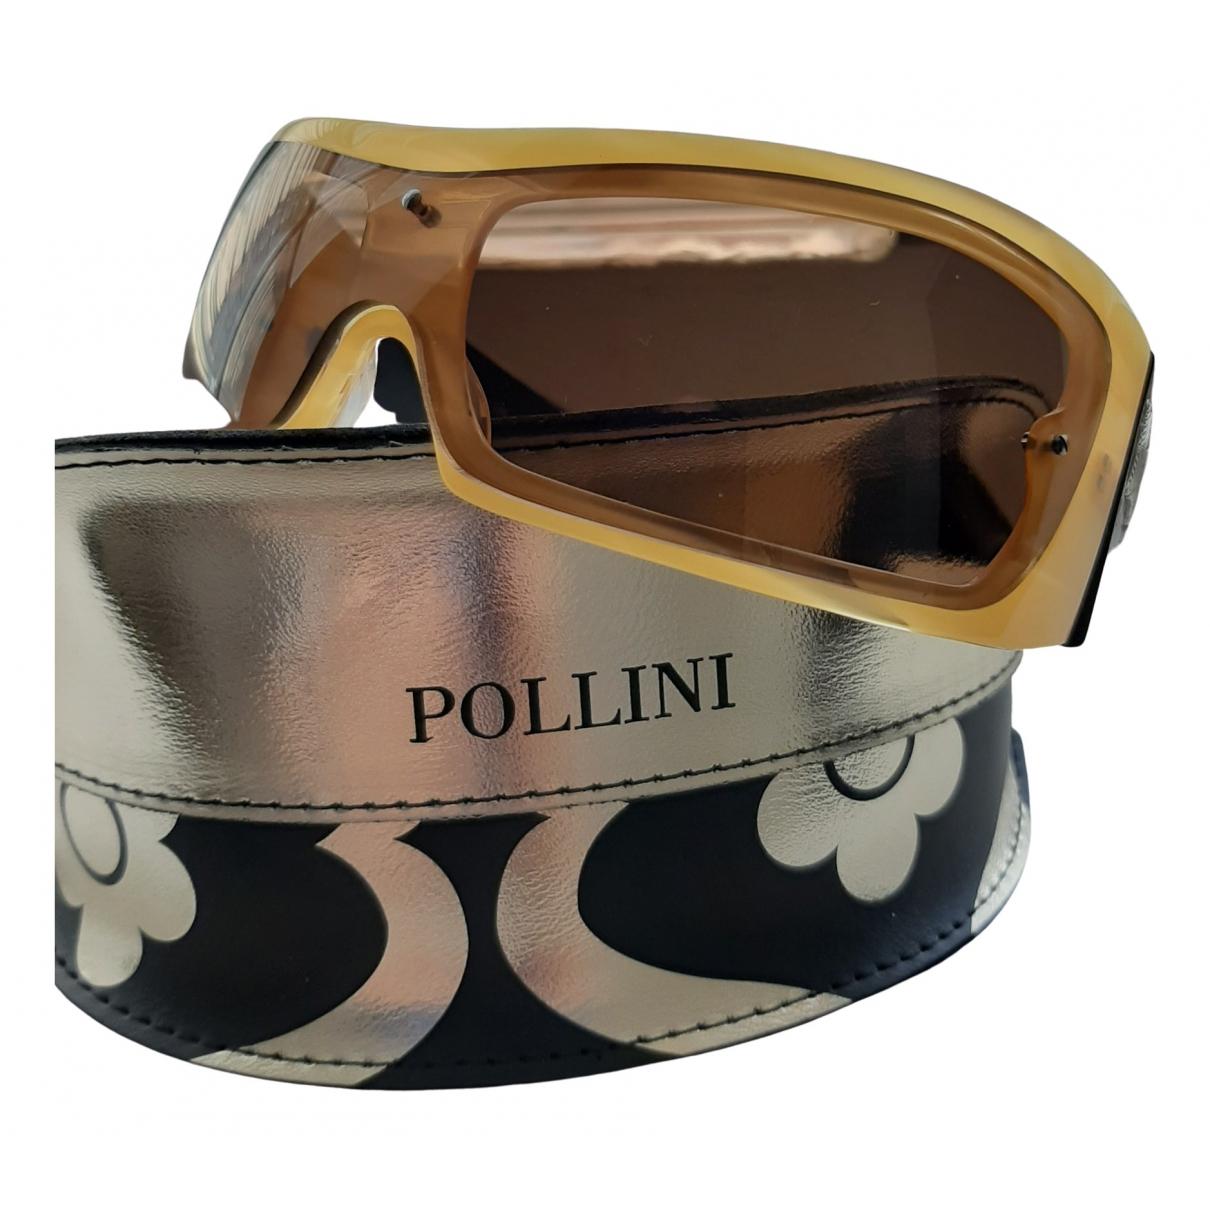 Pollini - Lunettes   pour femme